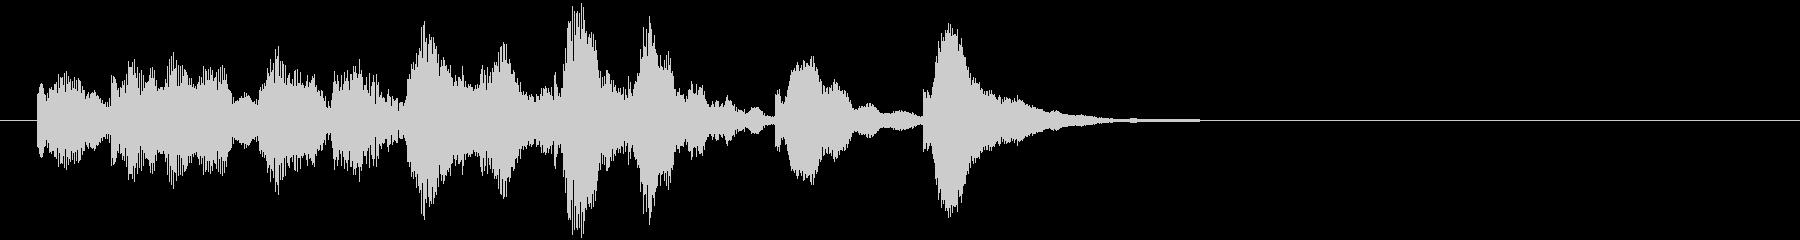 のほほんジングル002_かわいい+3の未再生の波形